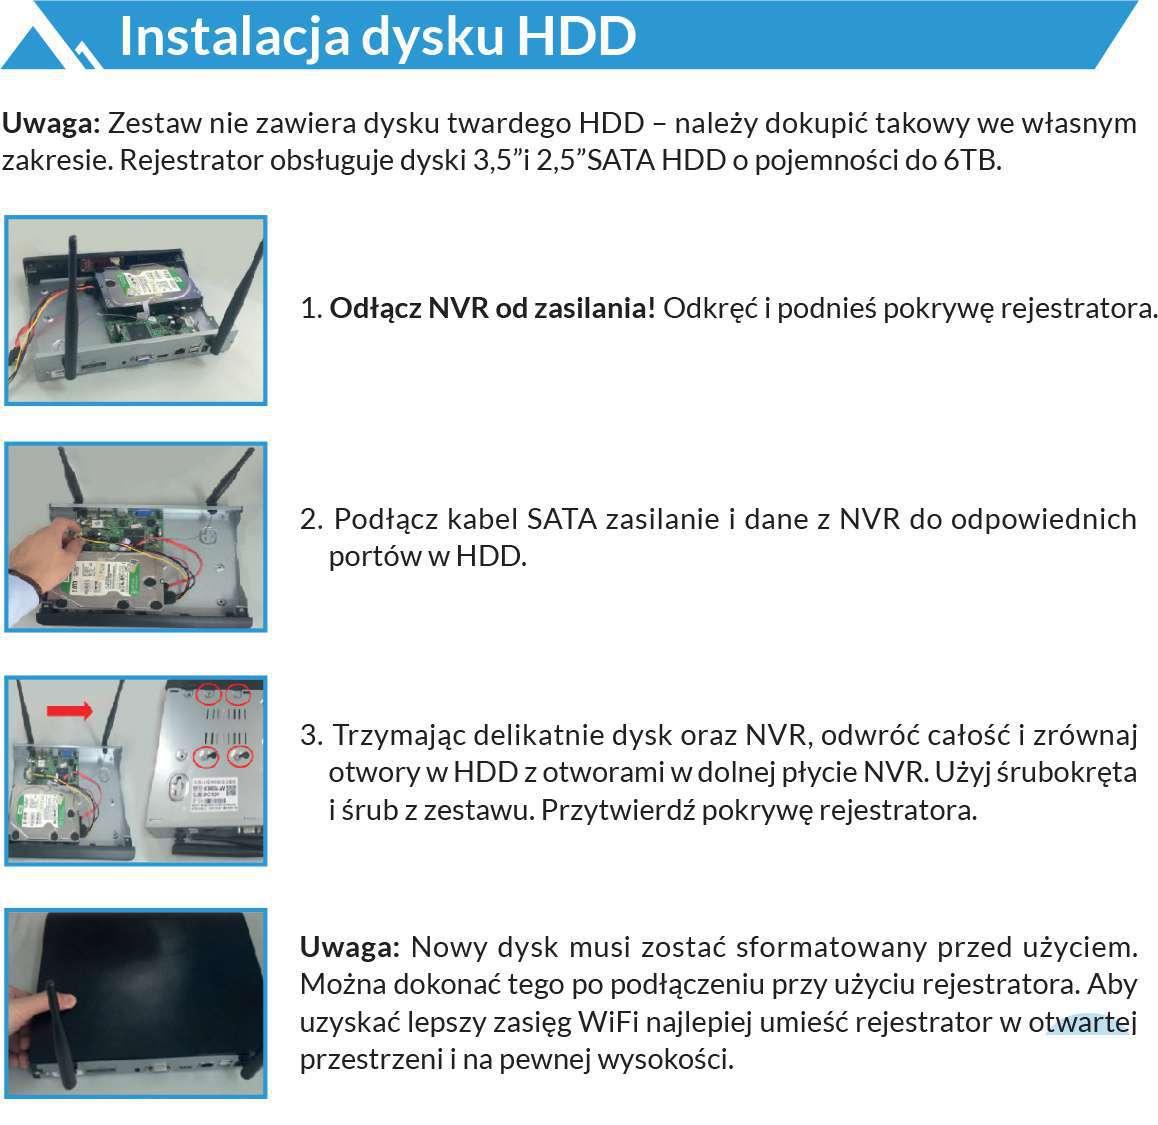 instrukcja montażu dysku twardego hdd w rejestratorach lanberg